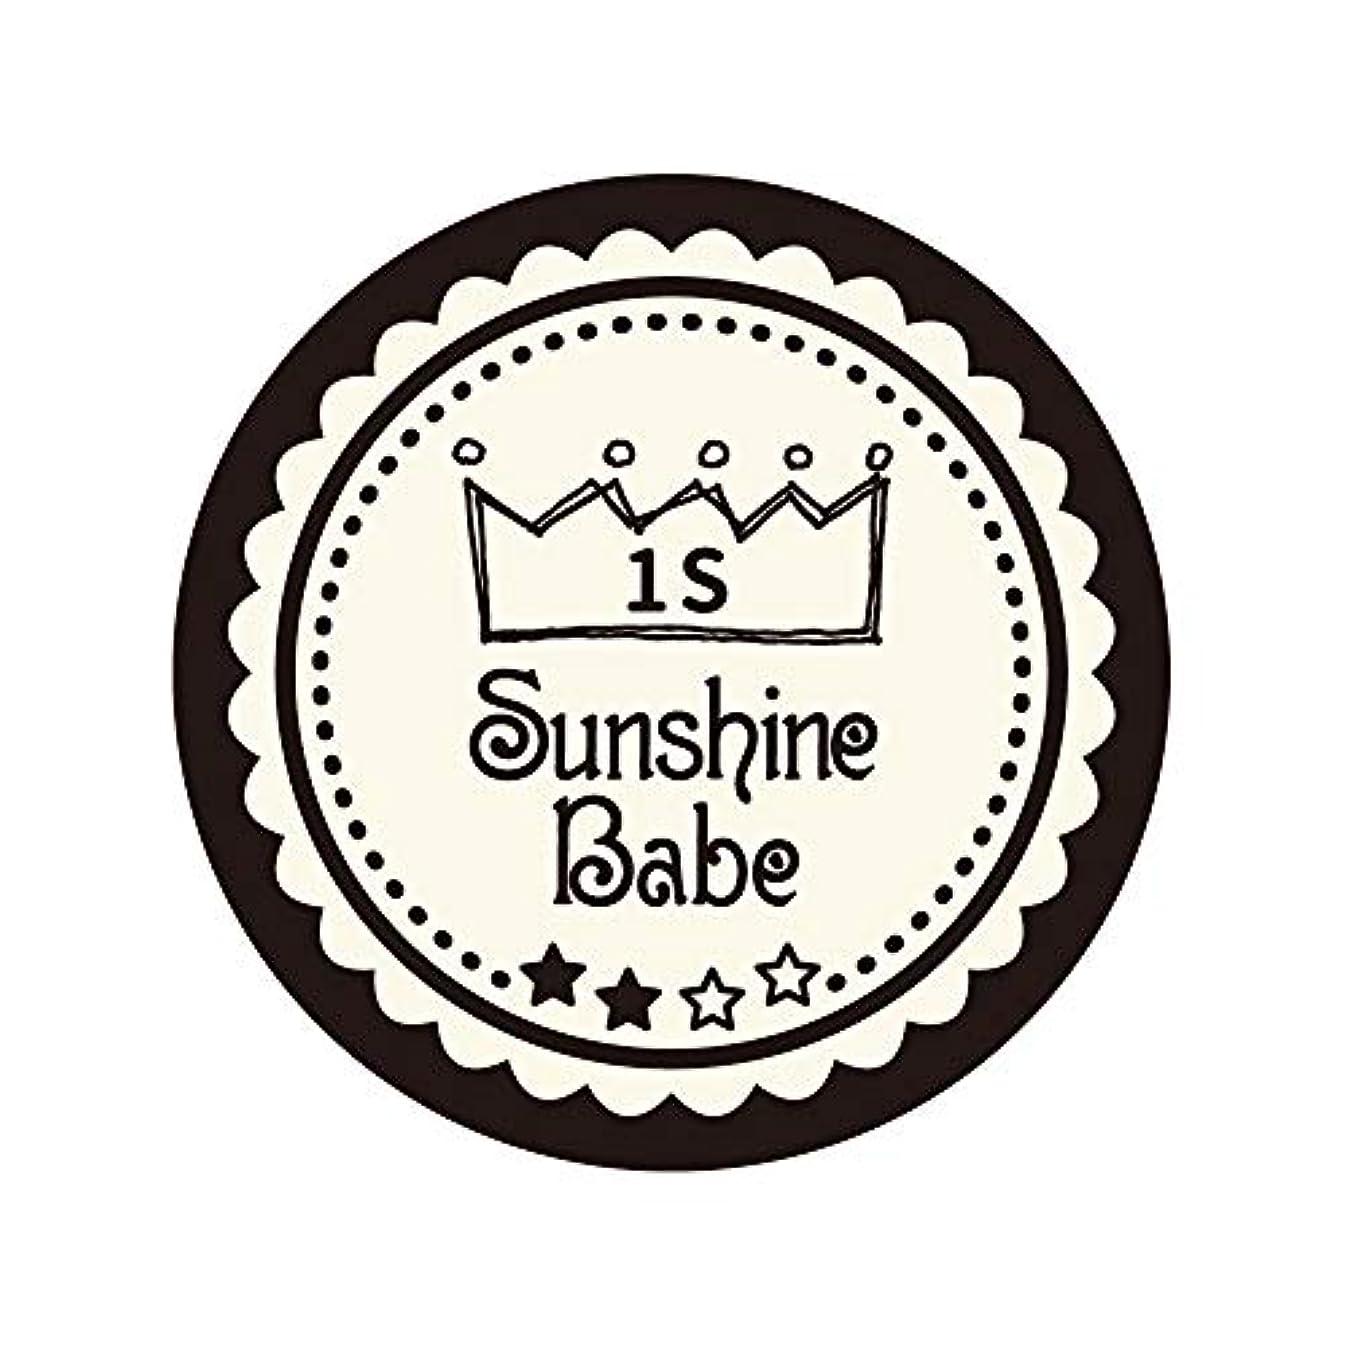 電気的伝説かまどSunshine Babe コスメティックカラー 1S ココナッツミルク 4g UV/LED対応タイオウ